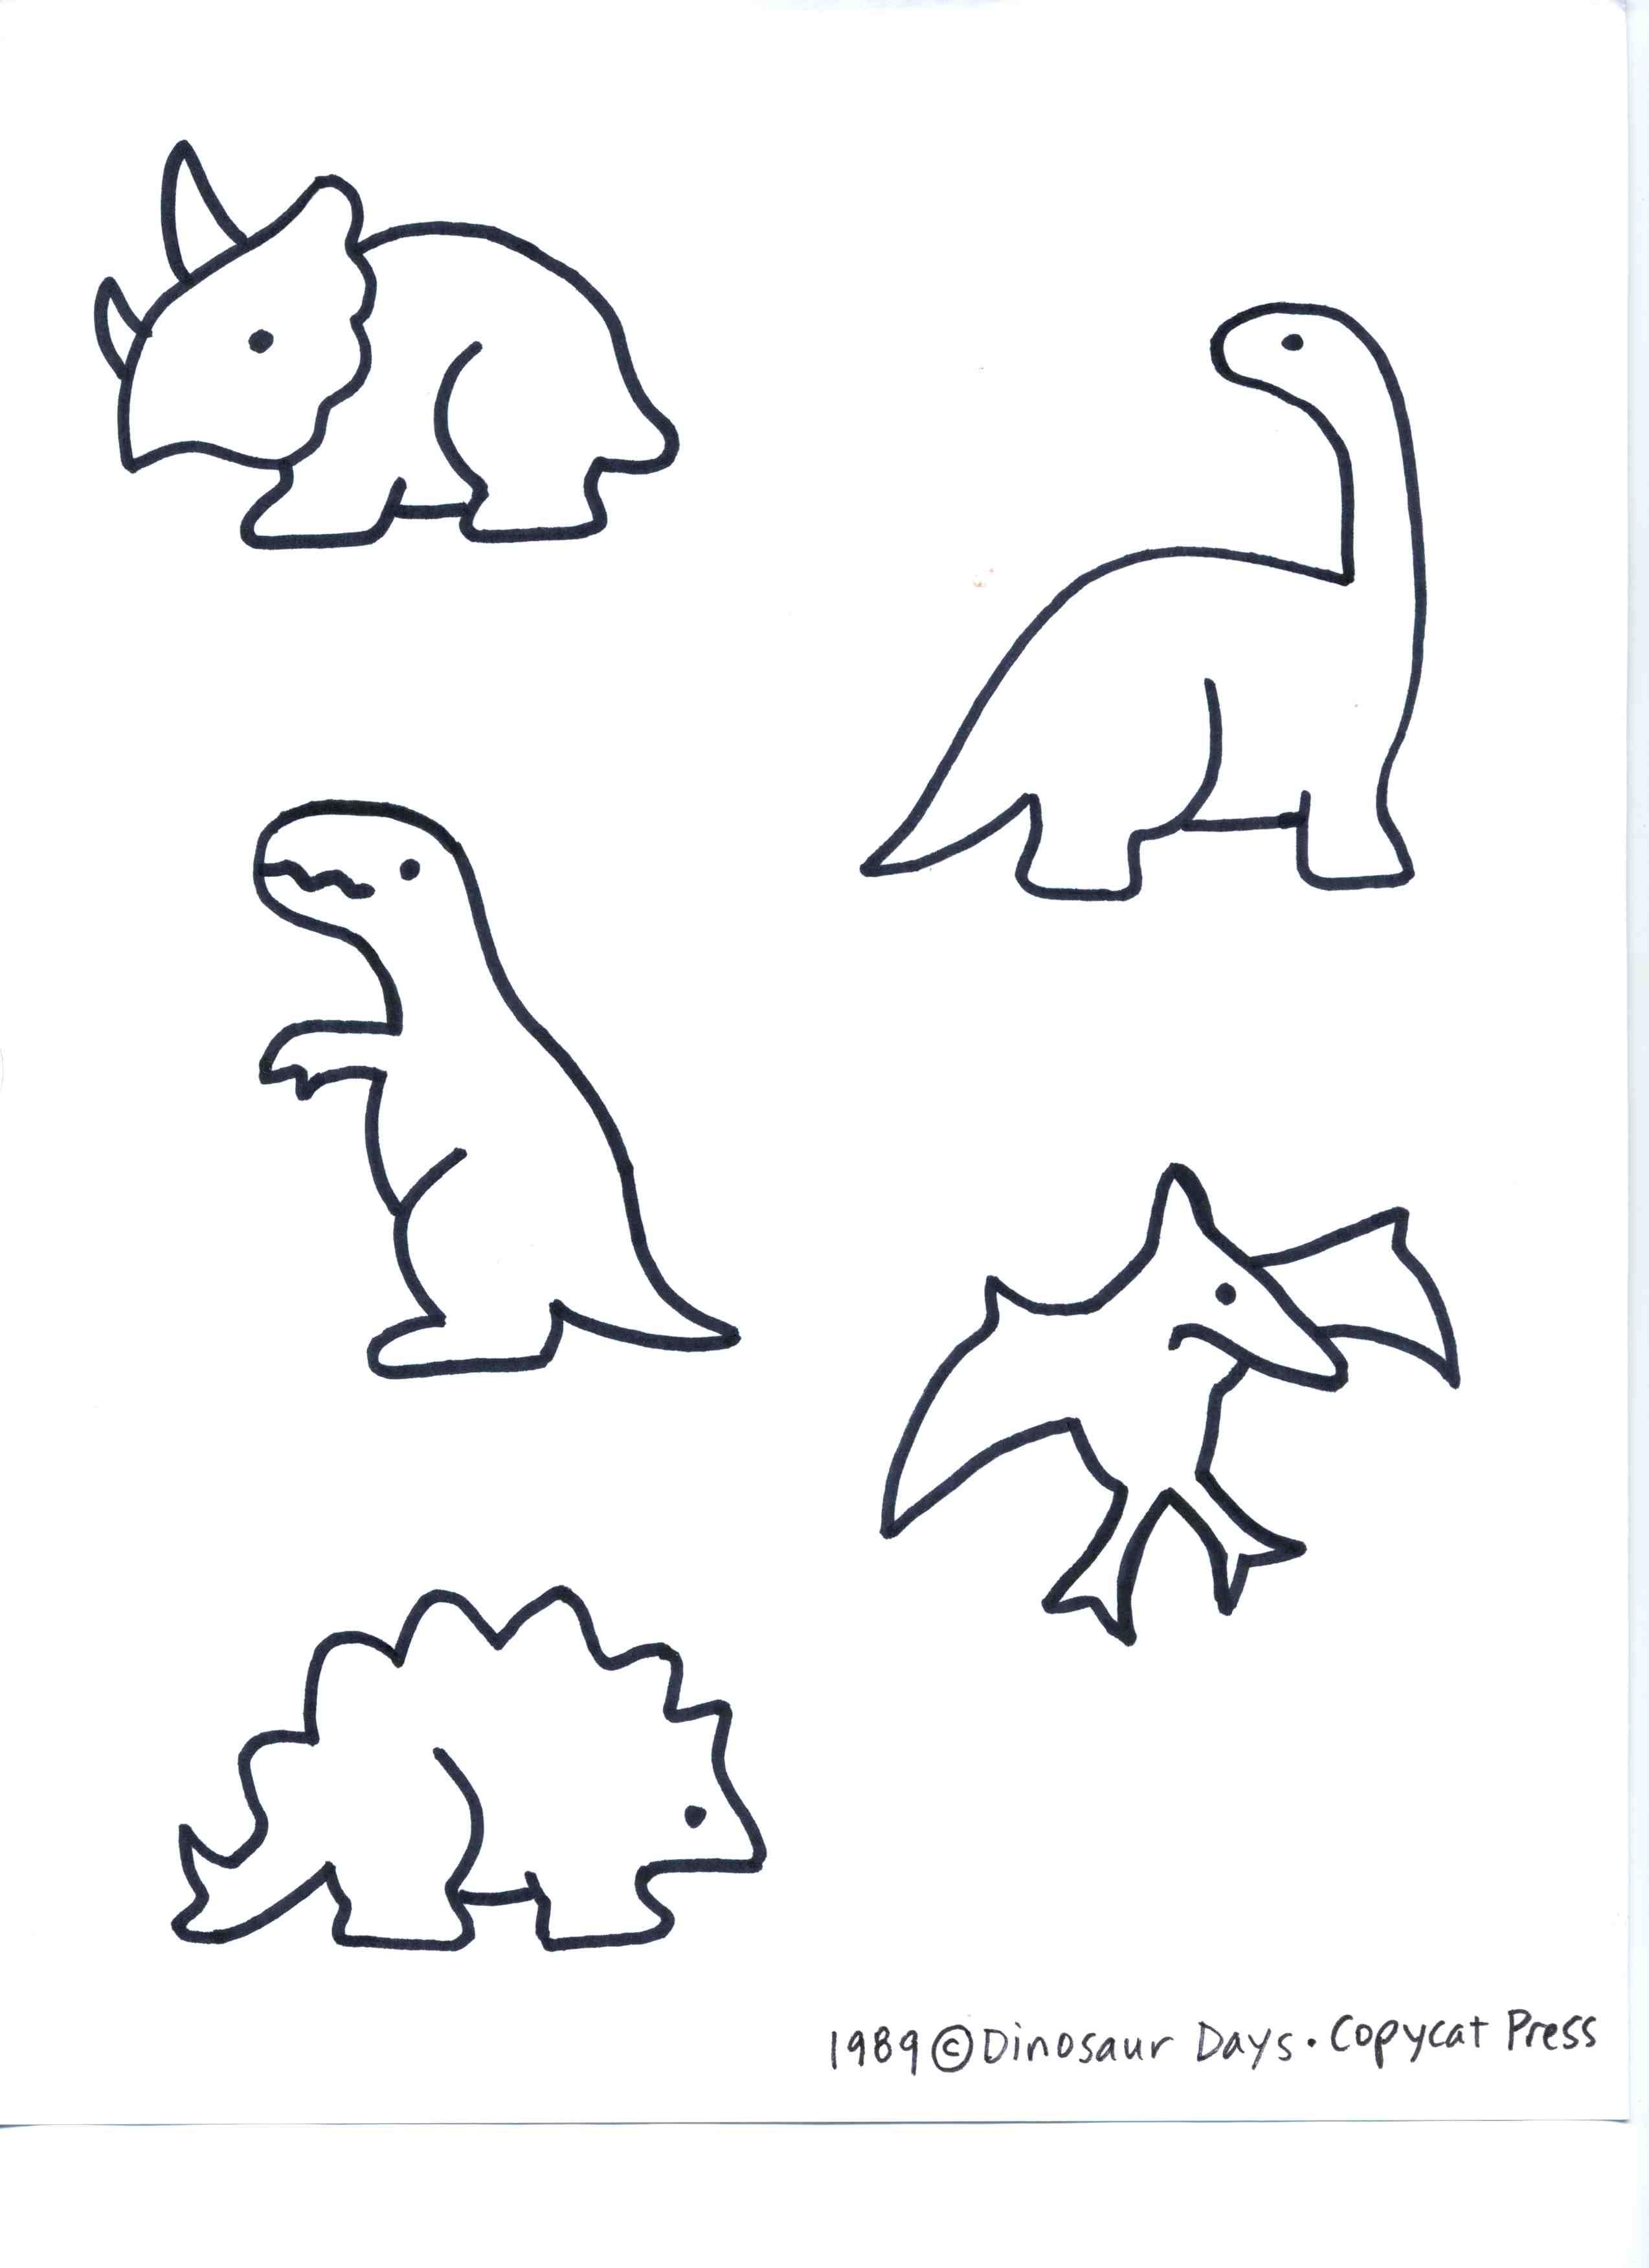 Dino patterns for preschool.